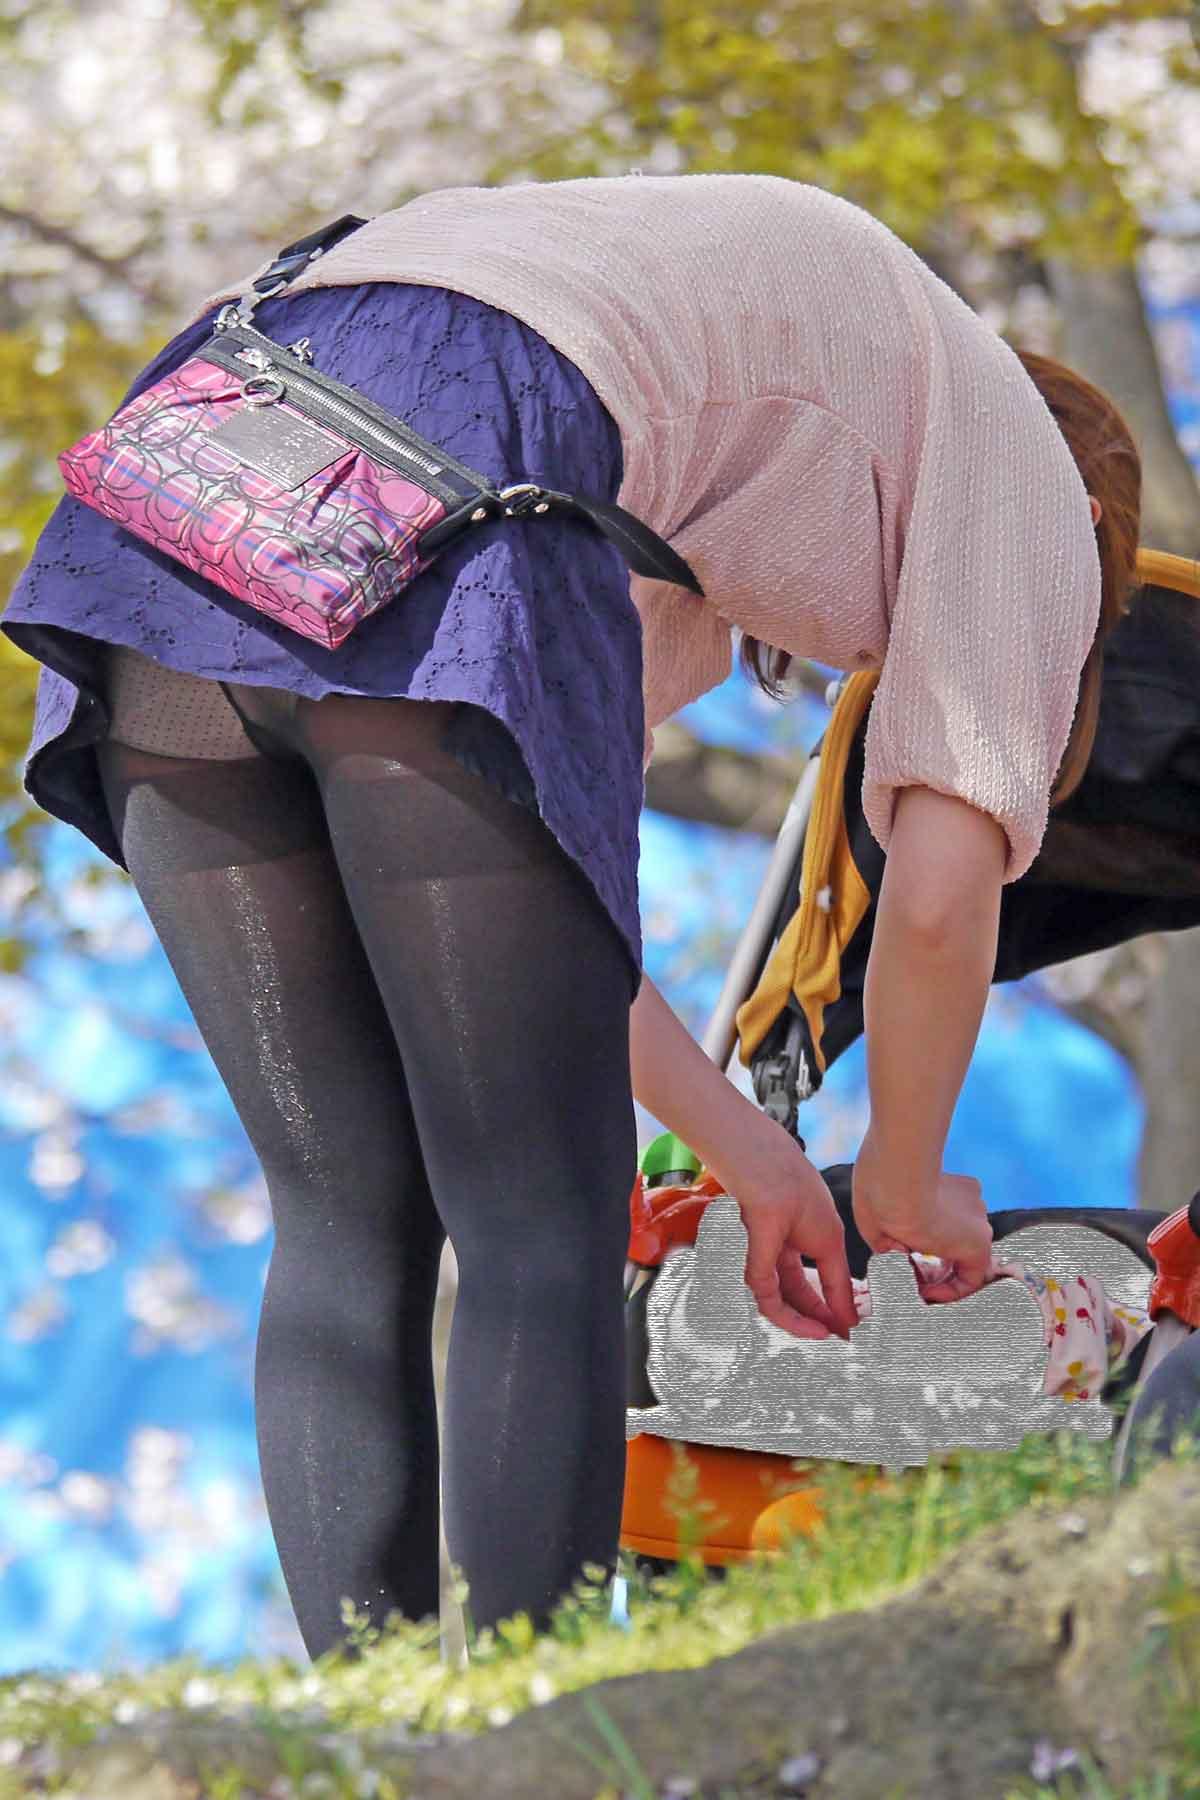 公演は最高のパンチラスポットだぁーwww可愛い女の子のパンツ撮り放題だぞぉーwww 1229